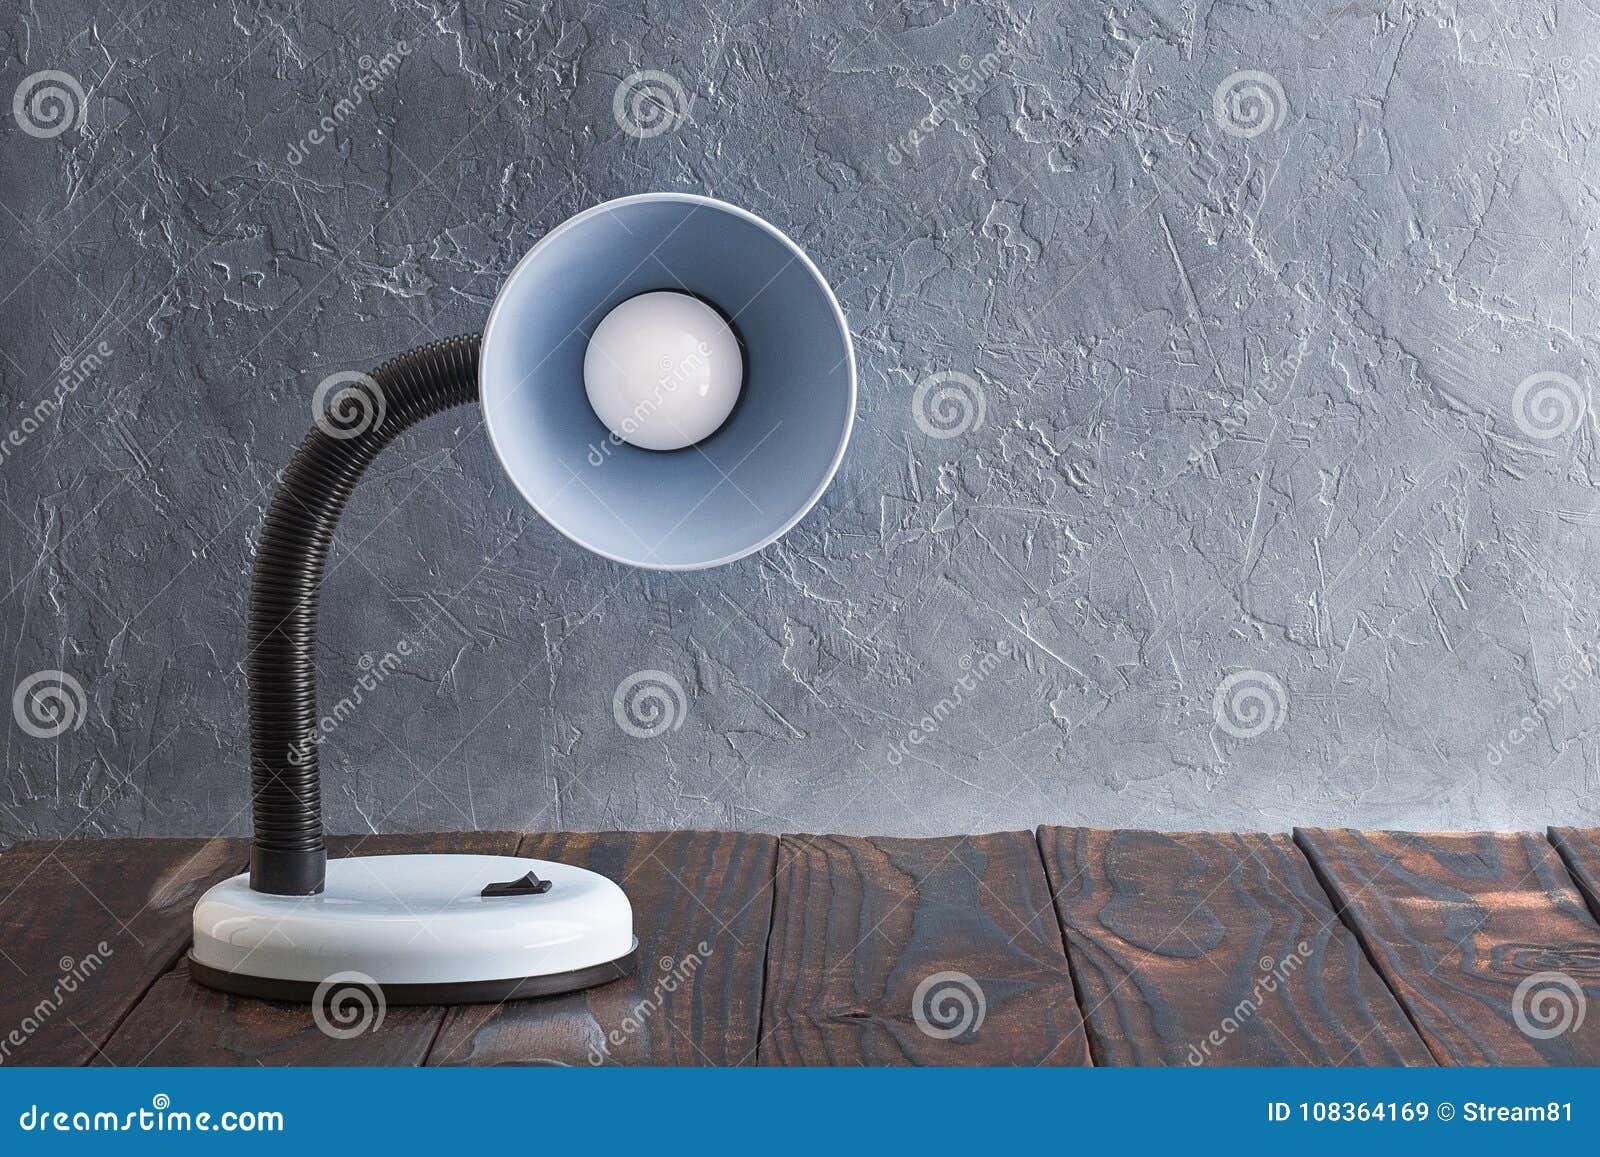 Έννοια της εγχώριας άνεσης Μπλε λαμπτήρας στον τοίχο ένα υπόβαθρο